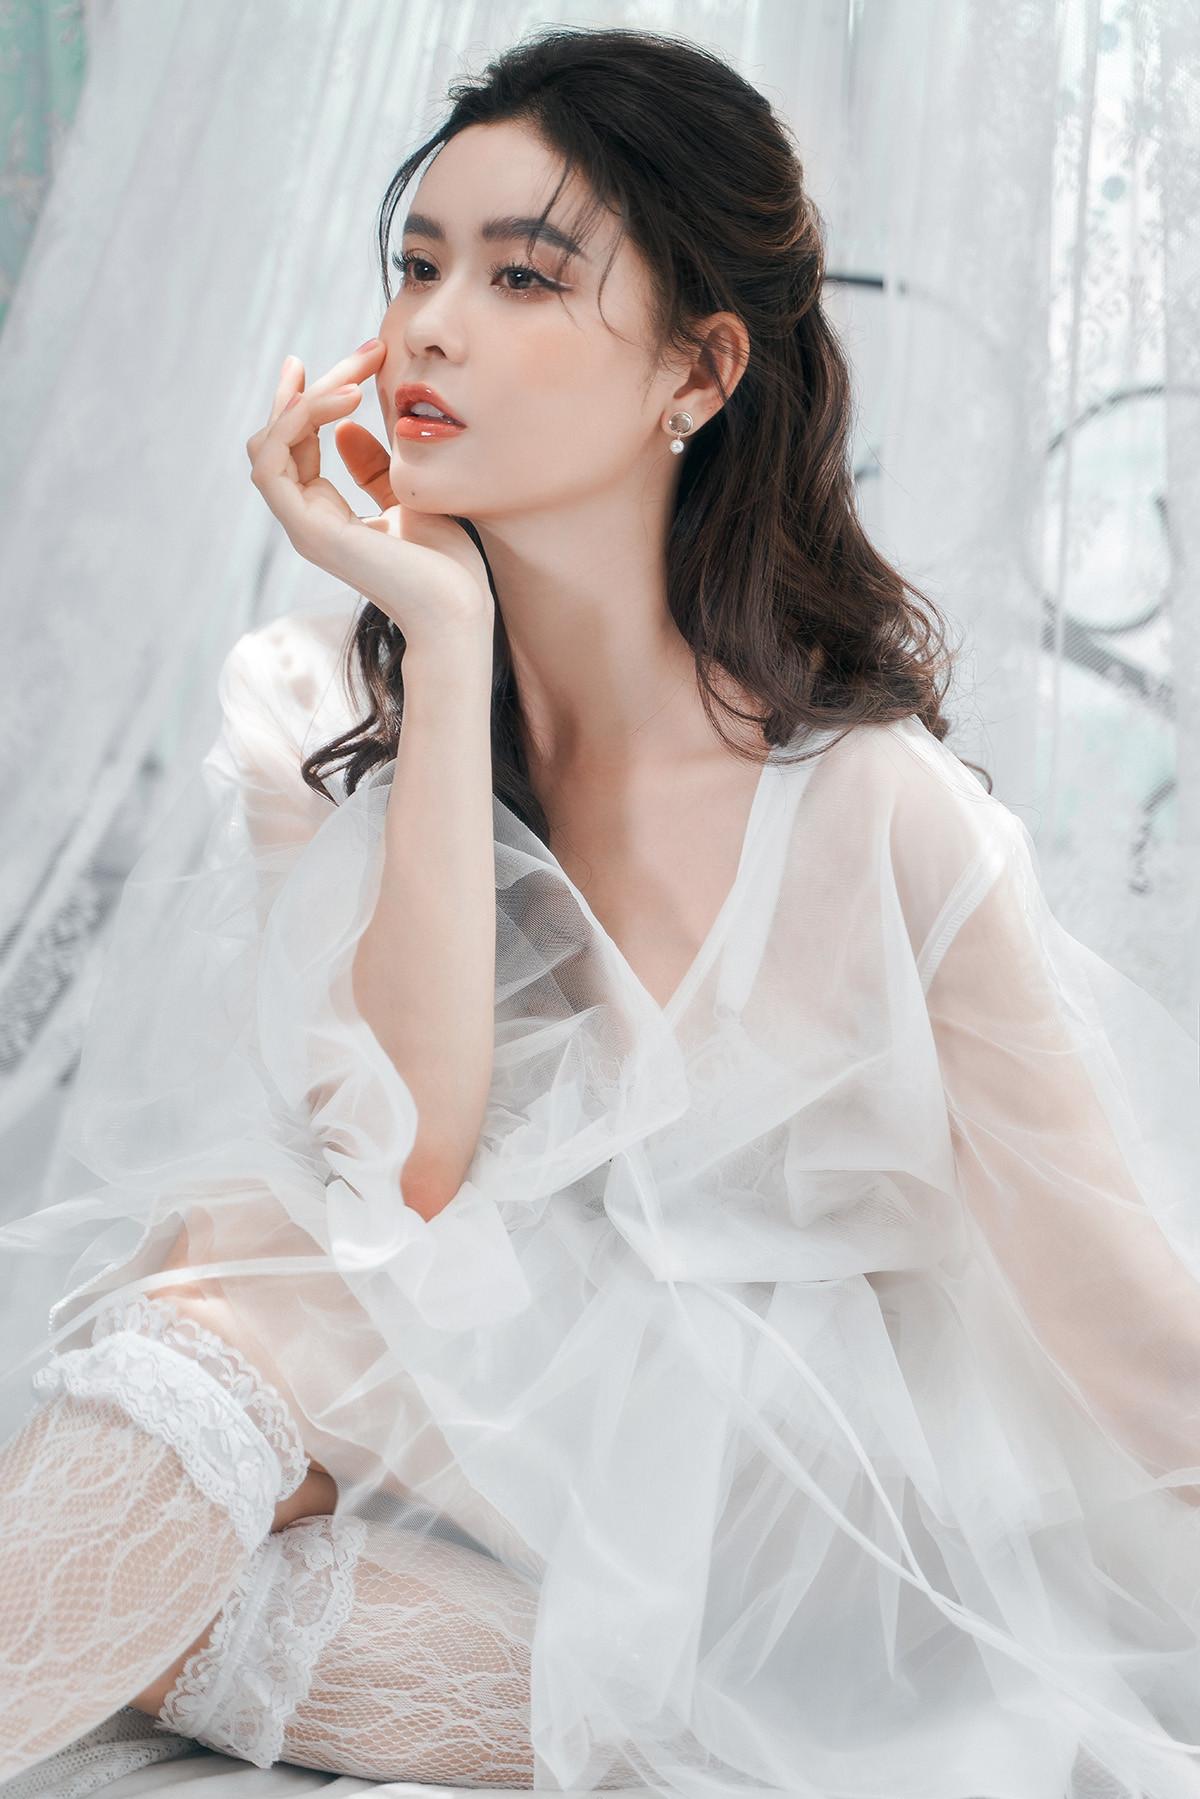 Trương Quỳnh Anh đẹp mong manh trong bộ ảnh mới-11